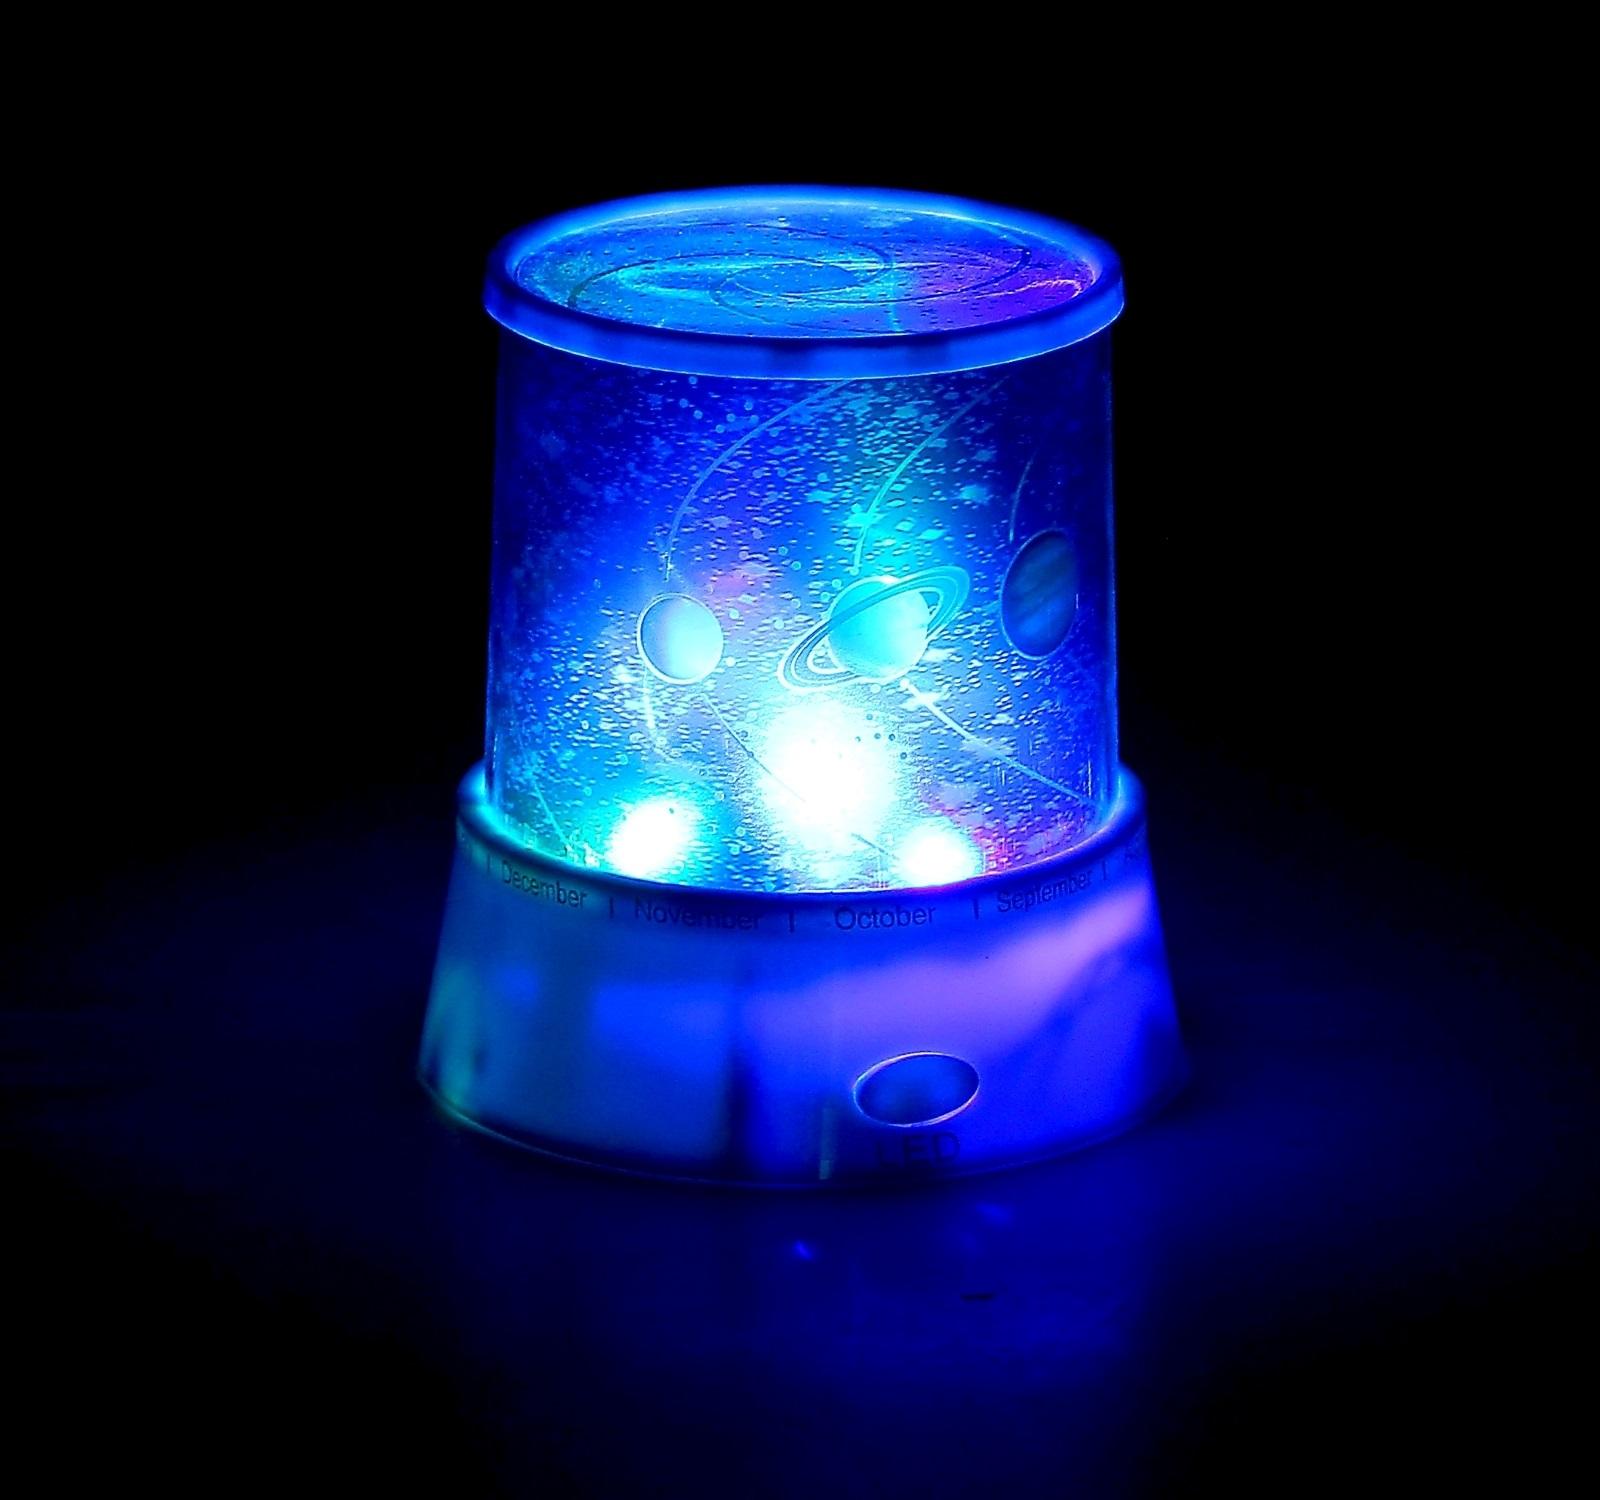 ночные светильники картинки моллюск представляет